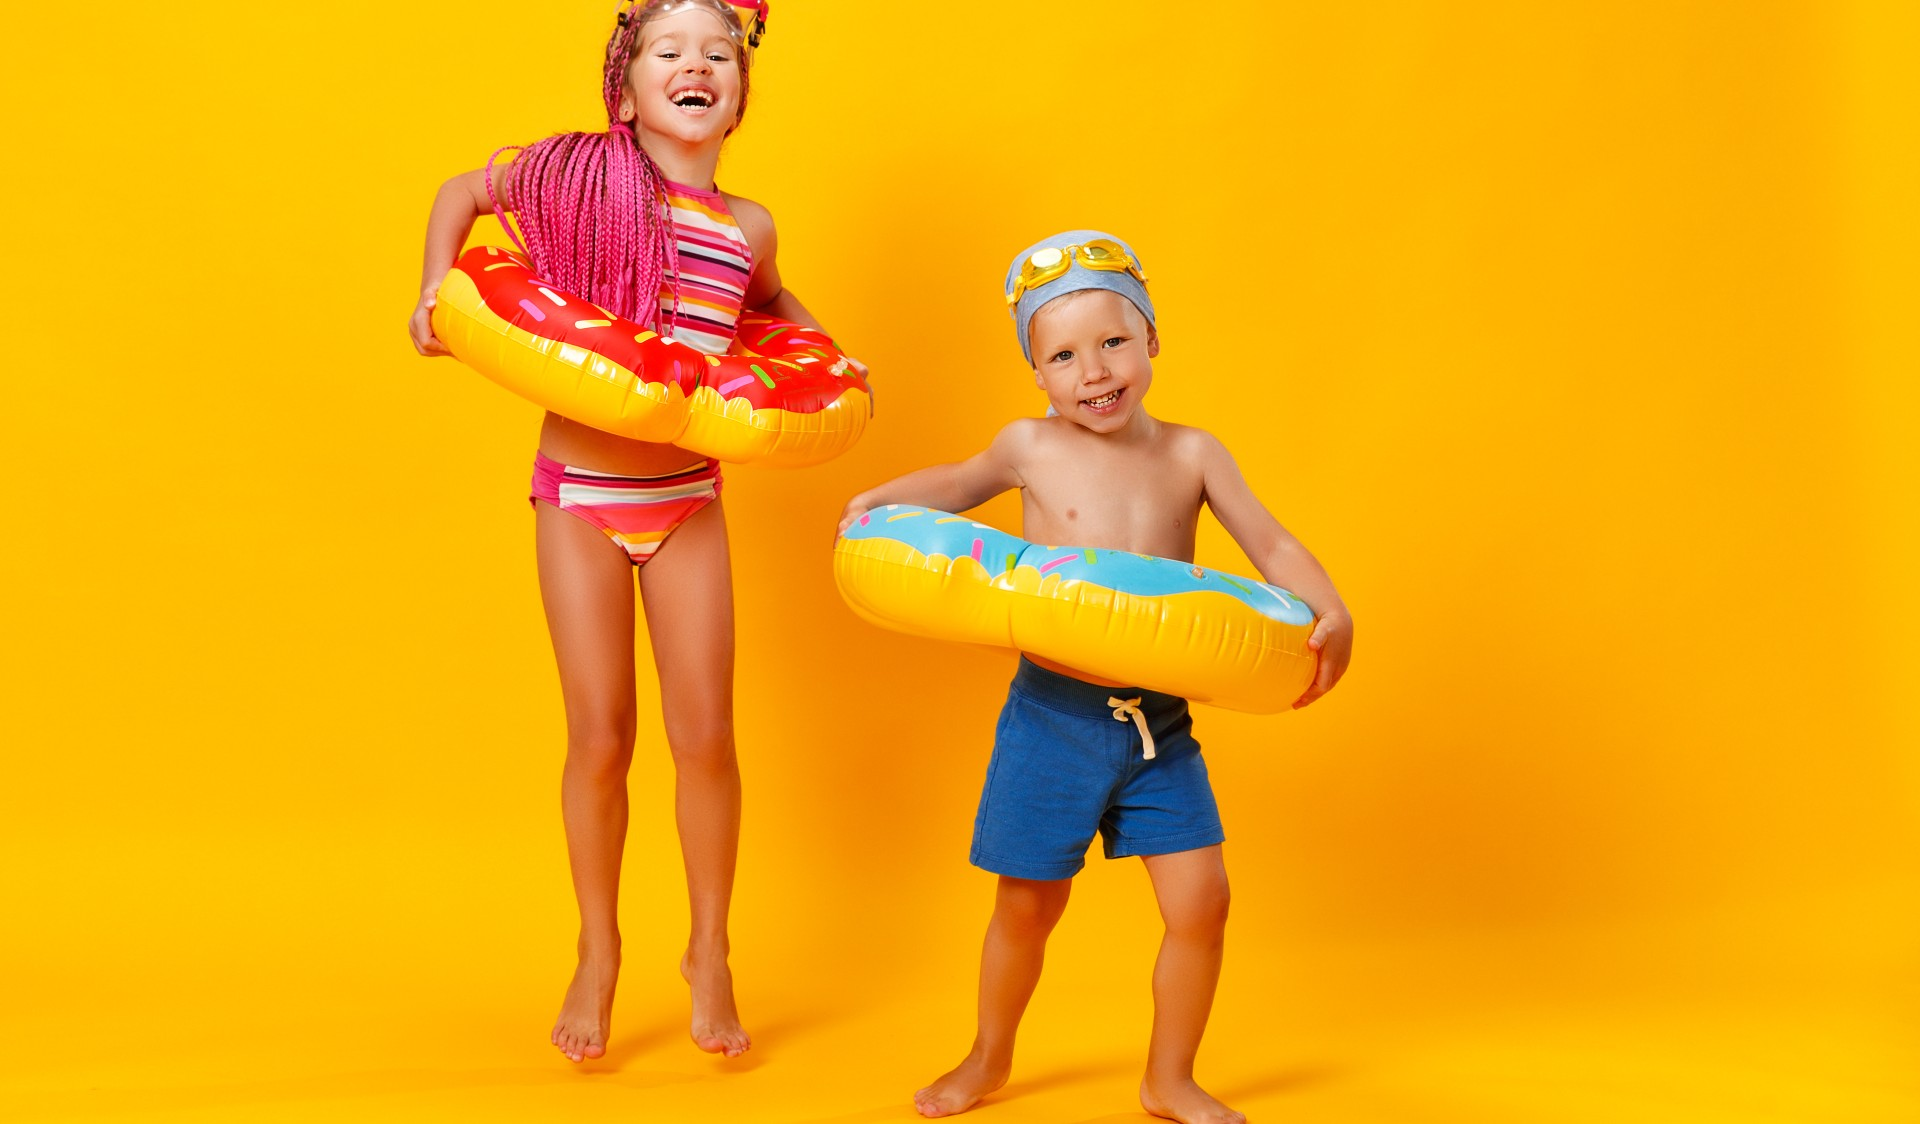 Moda praia para crianças? Tem sim!